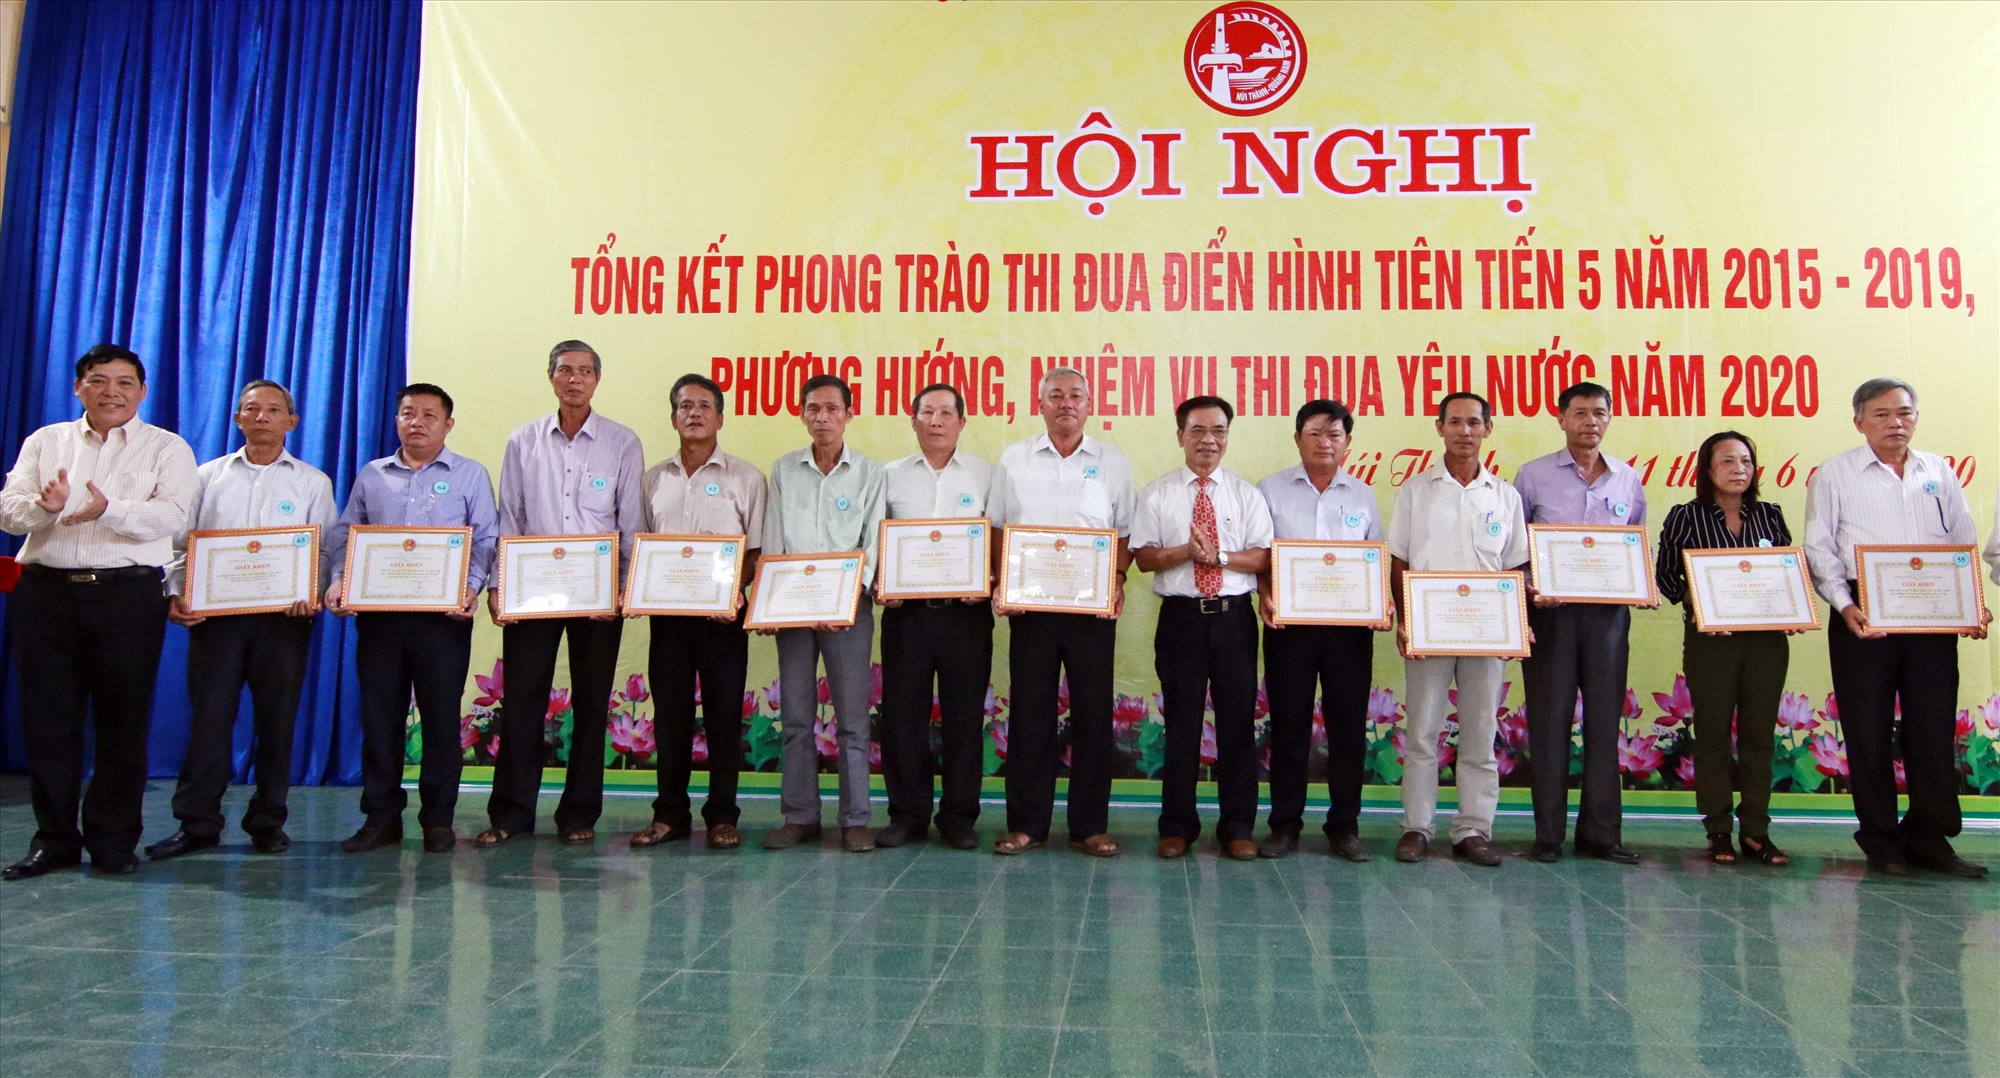 Lãnh đạo huyện Núi Thành tuyên dương các tập thể, cá nhân có thành tích xuất sắc trong phong trào thi đua yêu nước giai đoạn 2015 - 2019. Ảnh: C.Đ